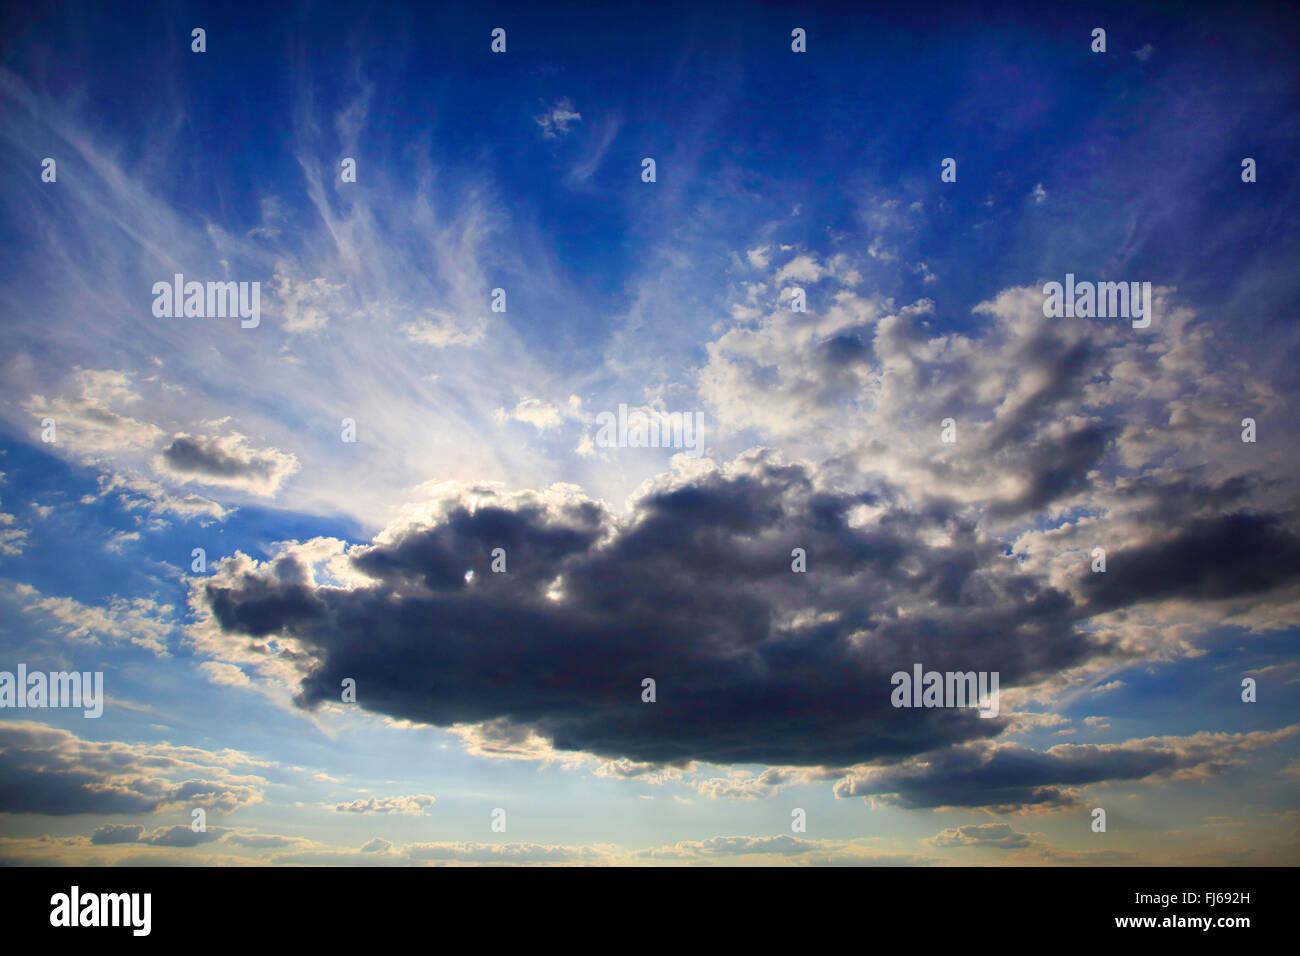 Soleil derrière nuage noir, Allemagne Photo Stock